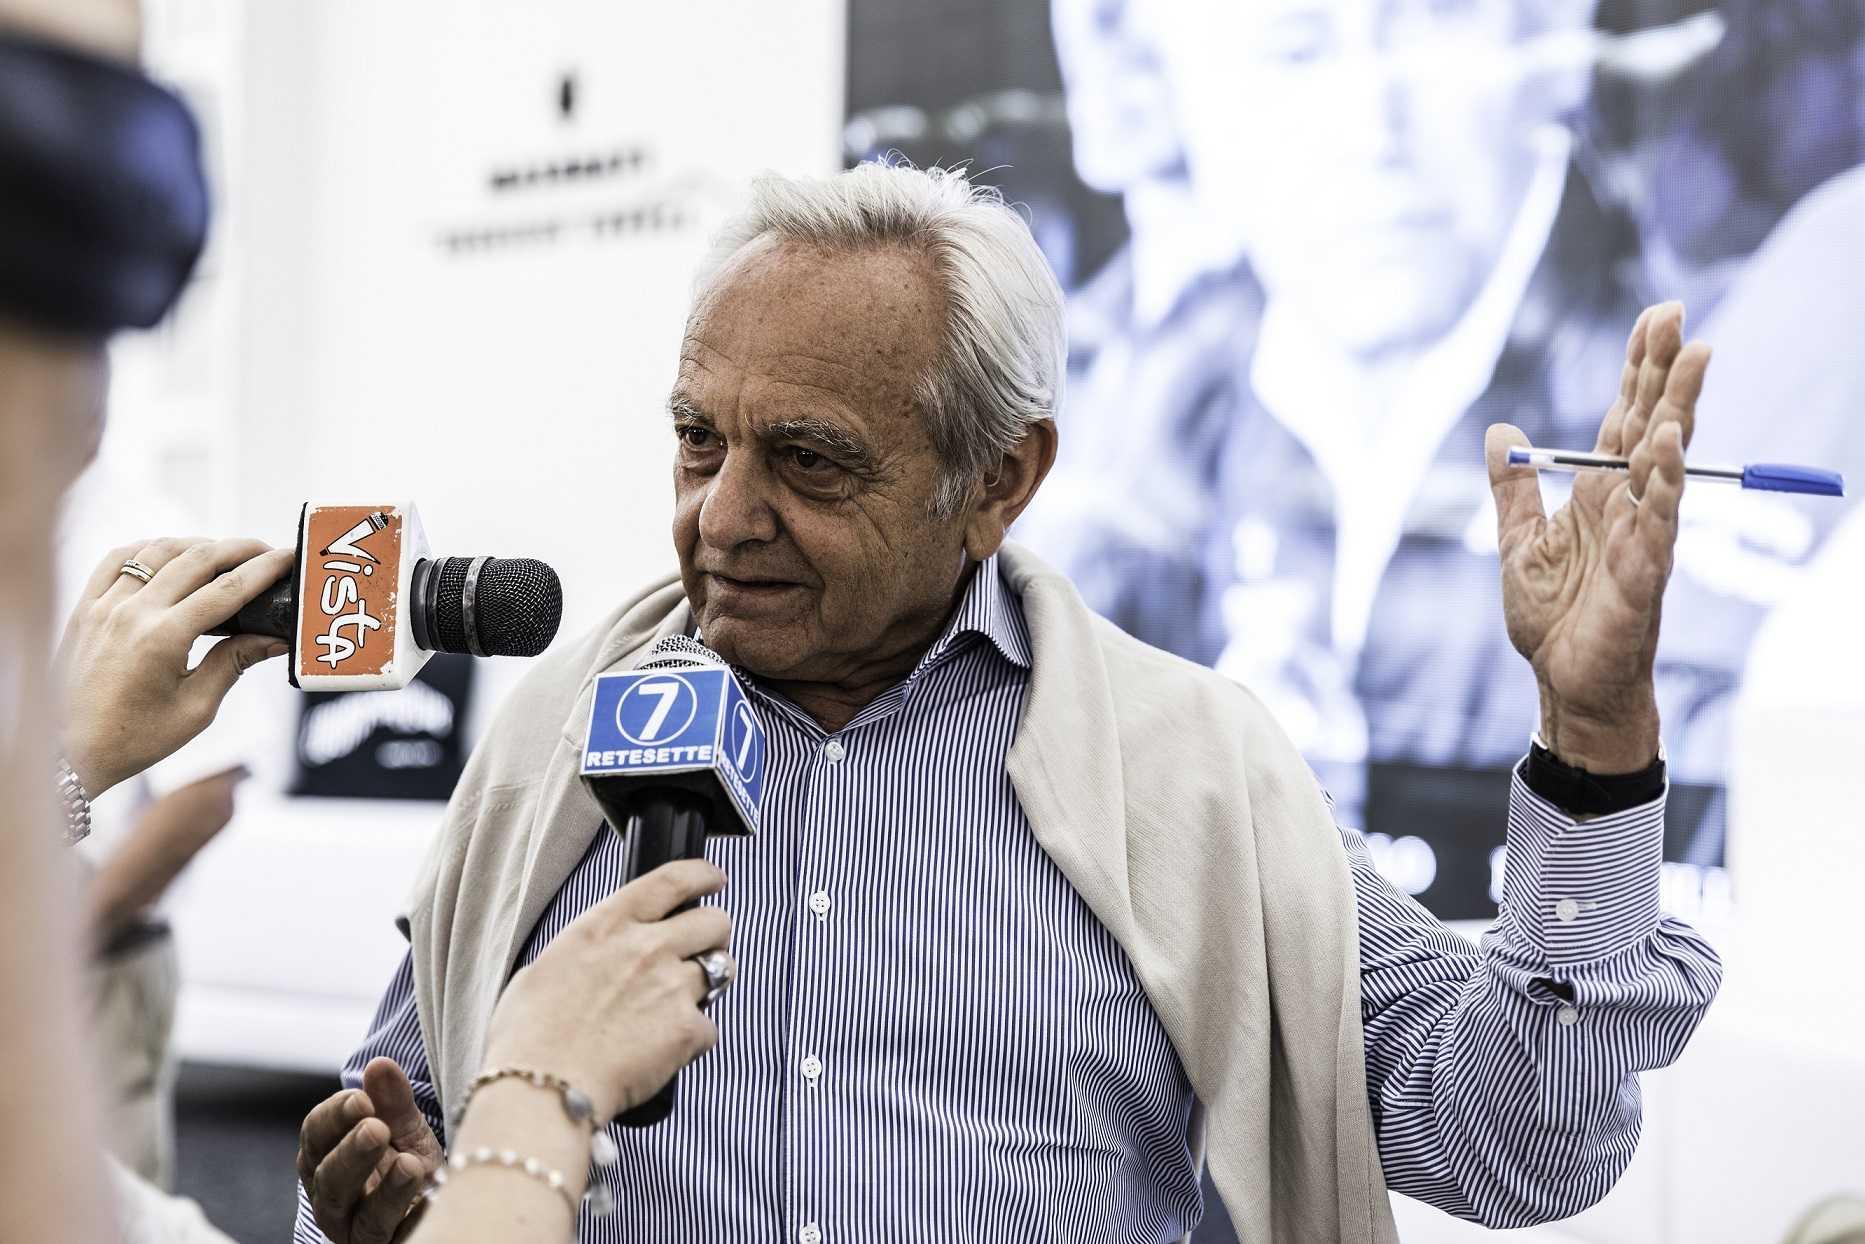 Mario Deaglio